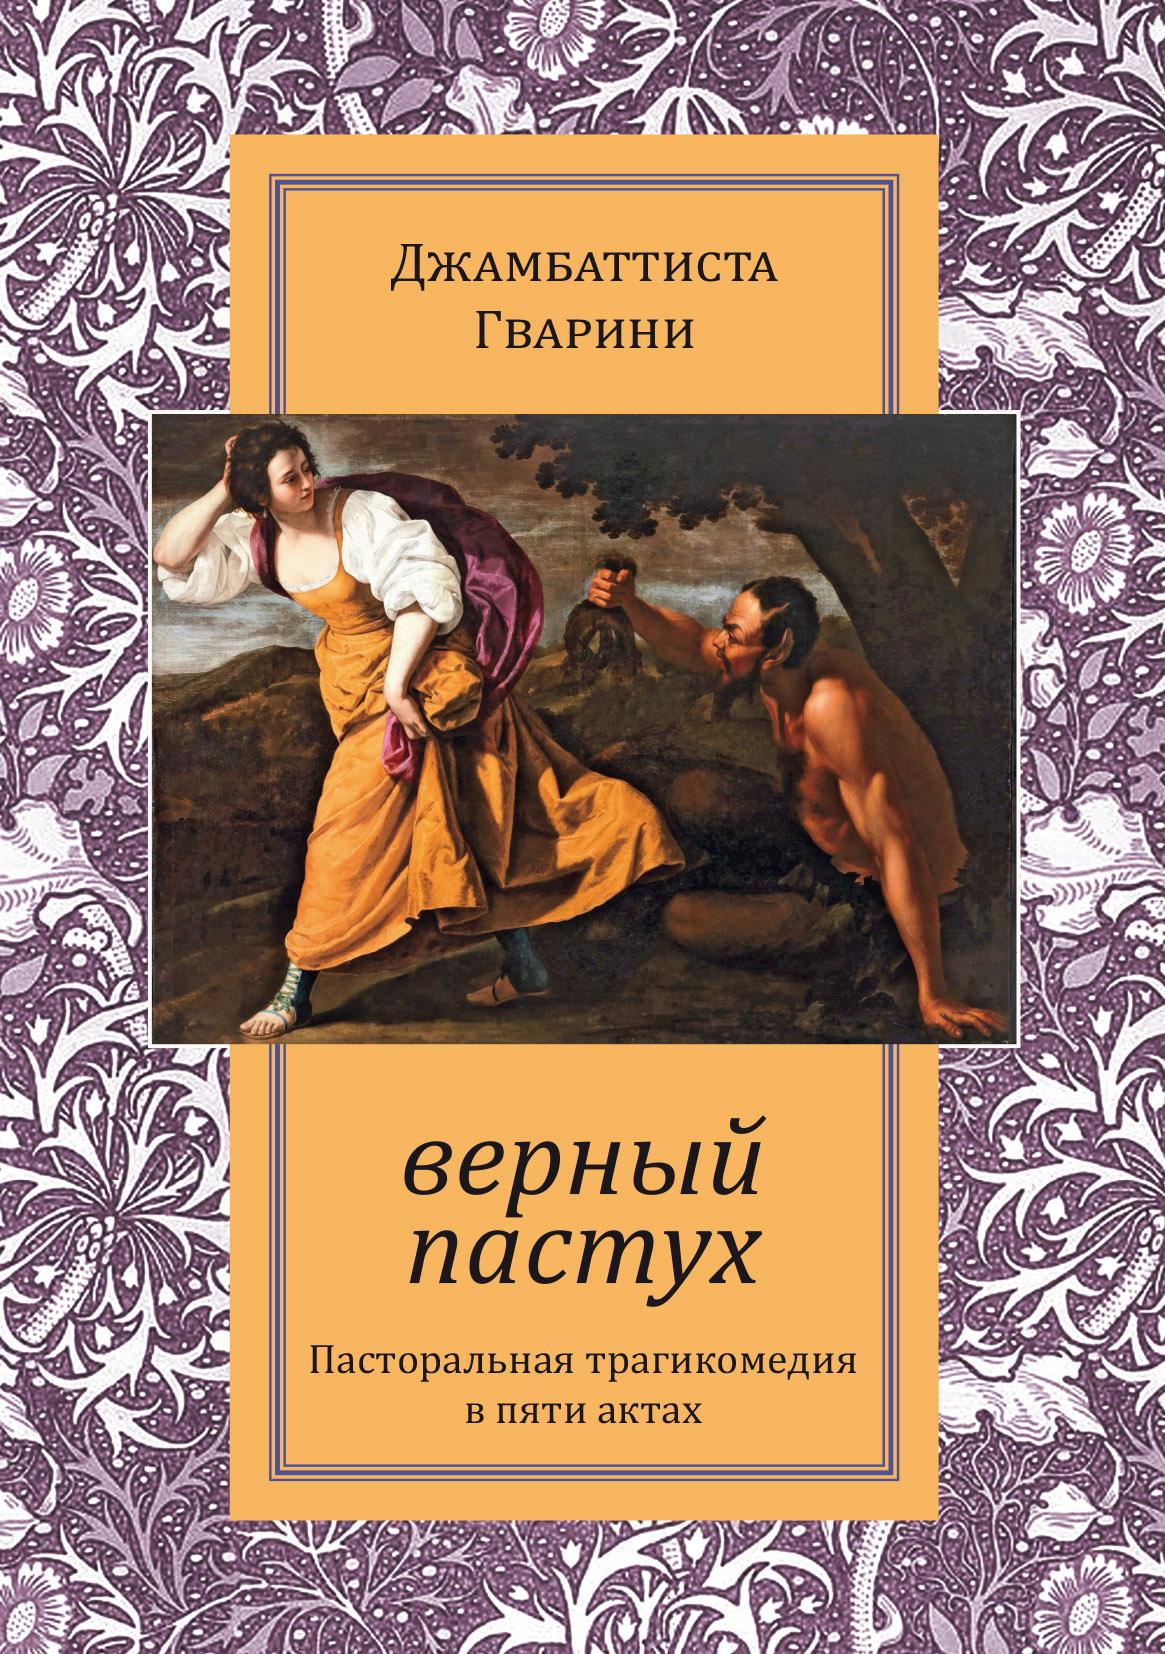 Верный пастух ( Джамбаттиста Гварини  )